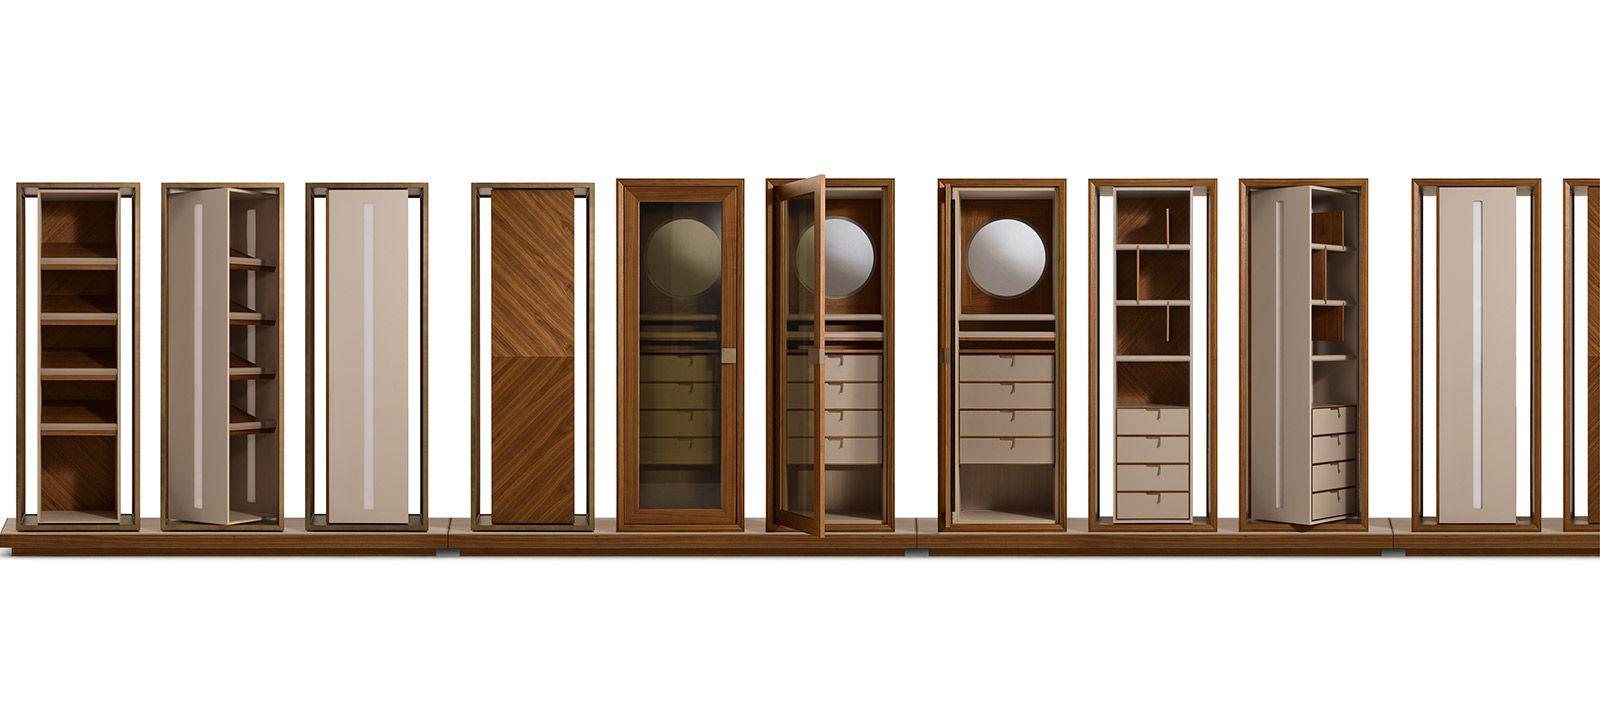 Town modular storage system Sideboard